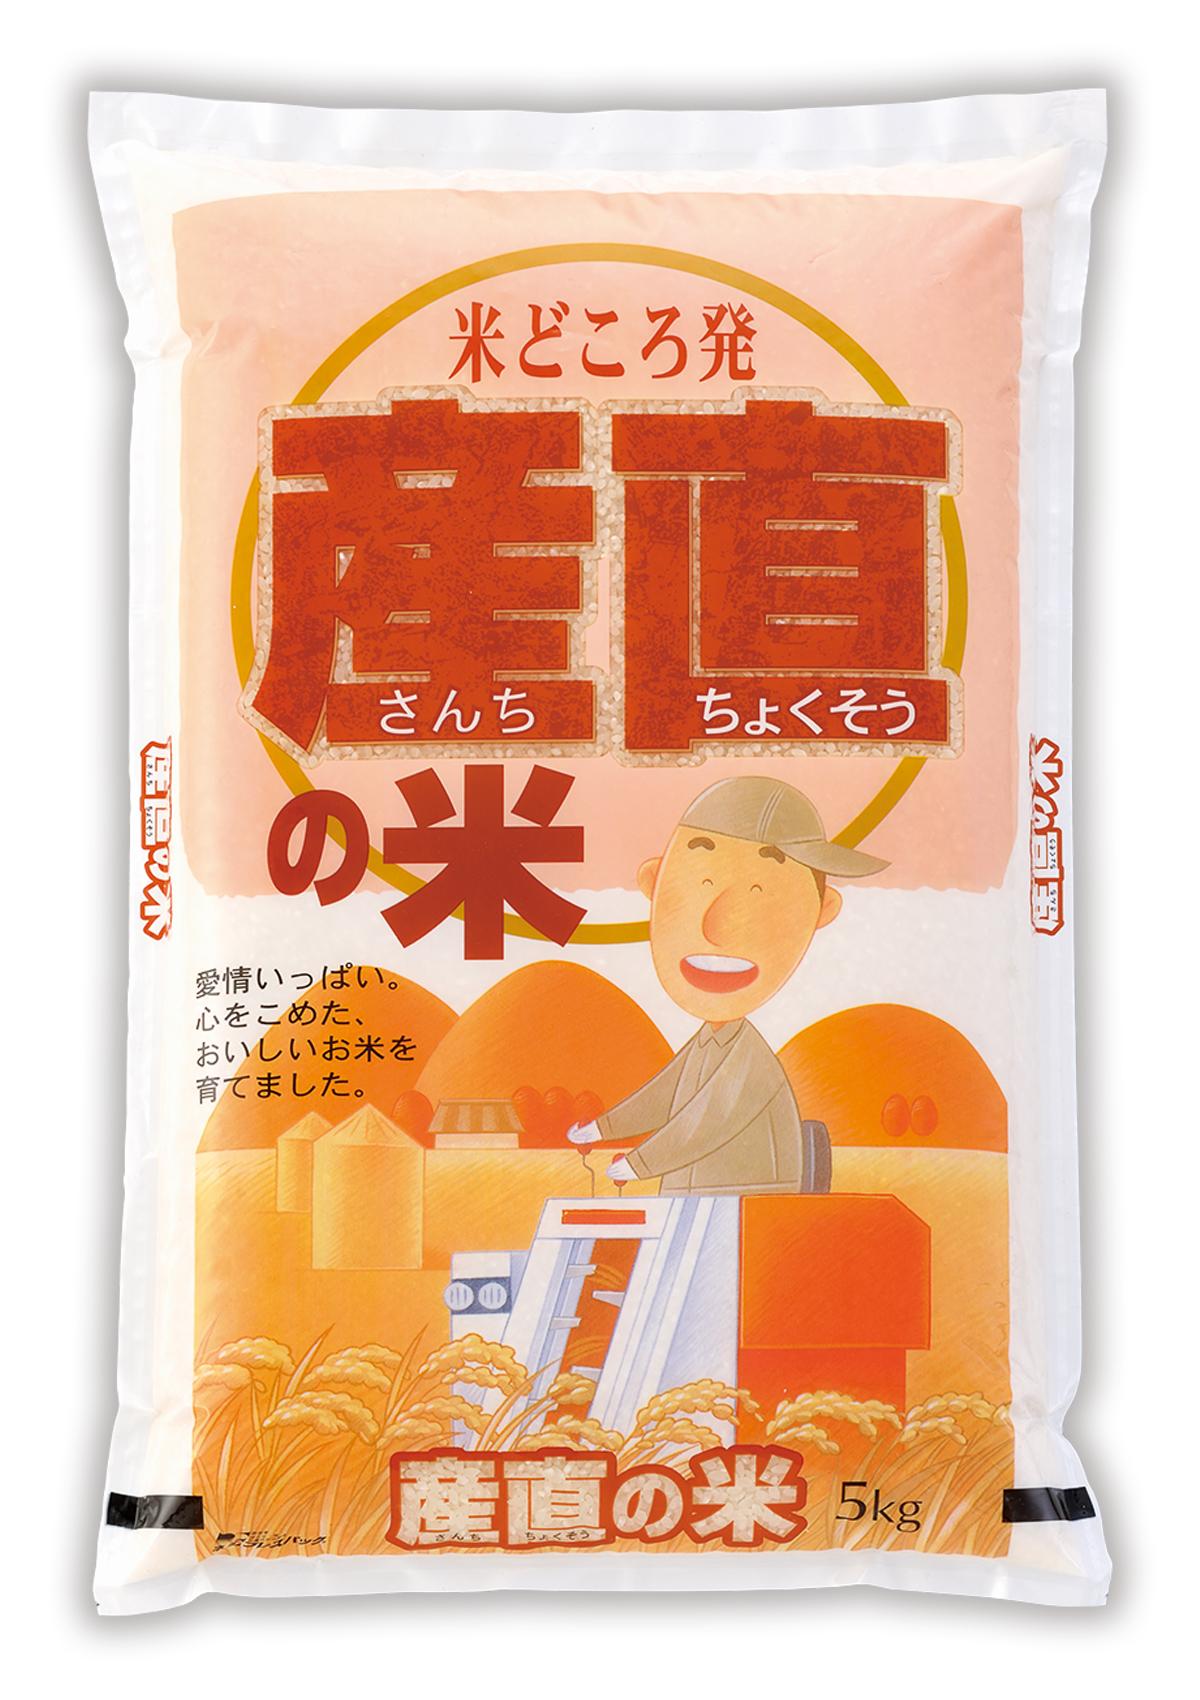 産直の米 ほのぼの